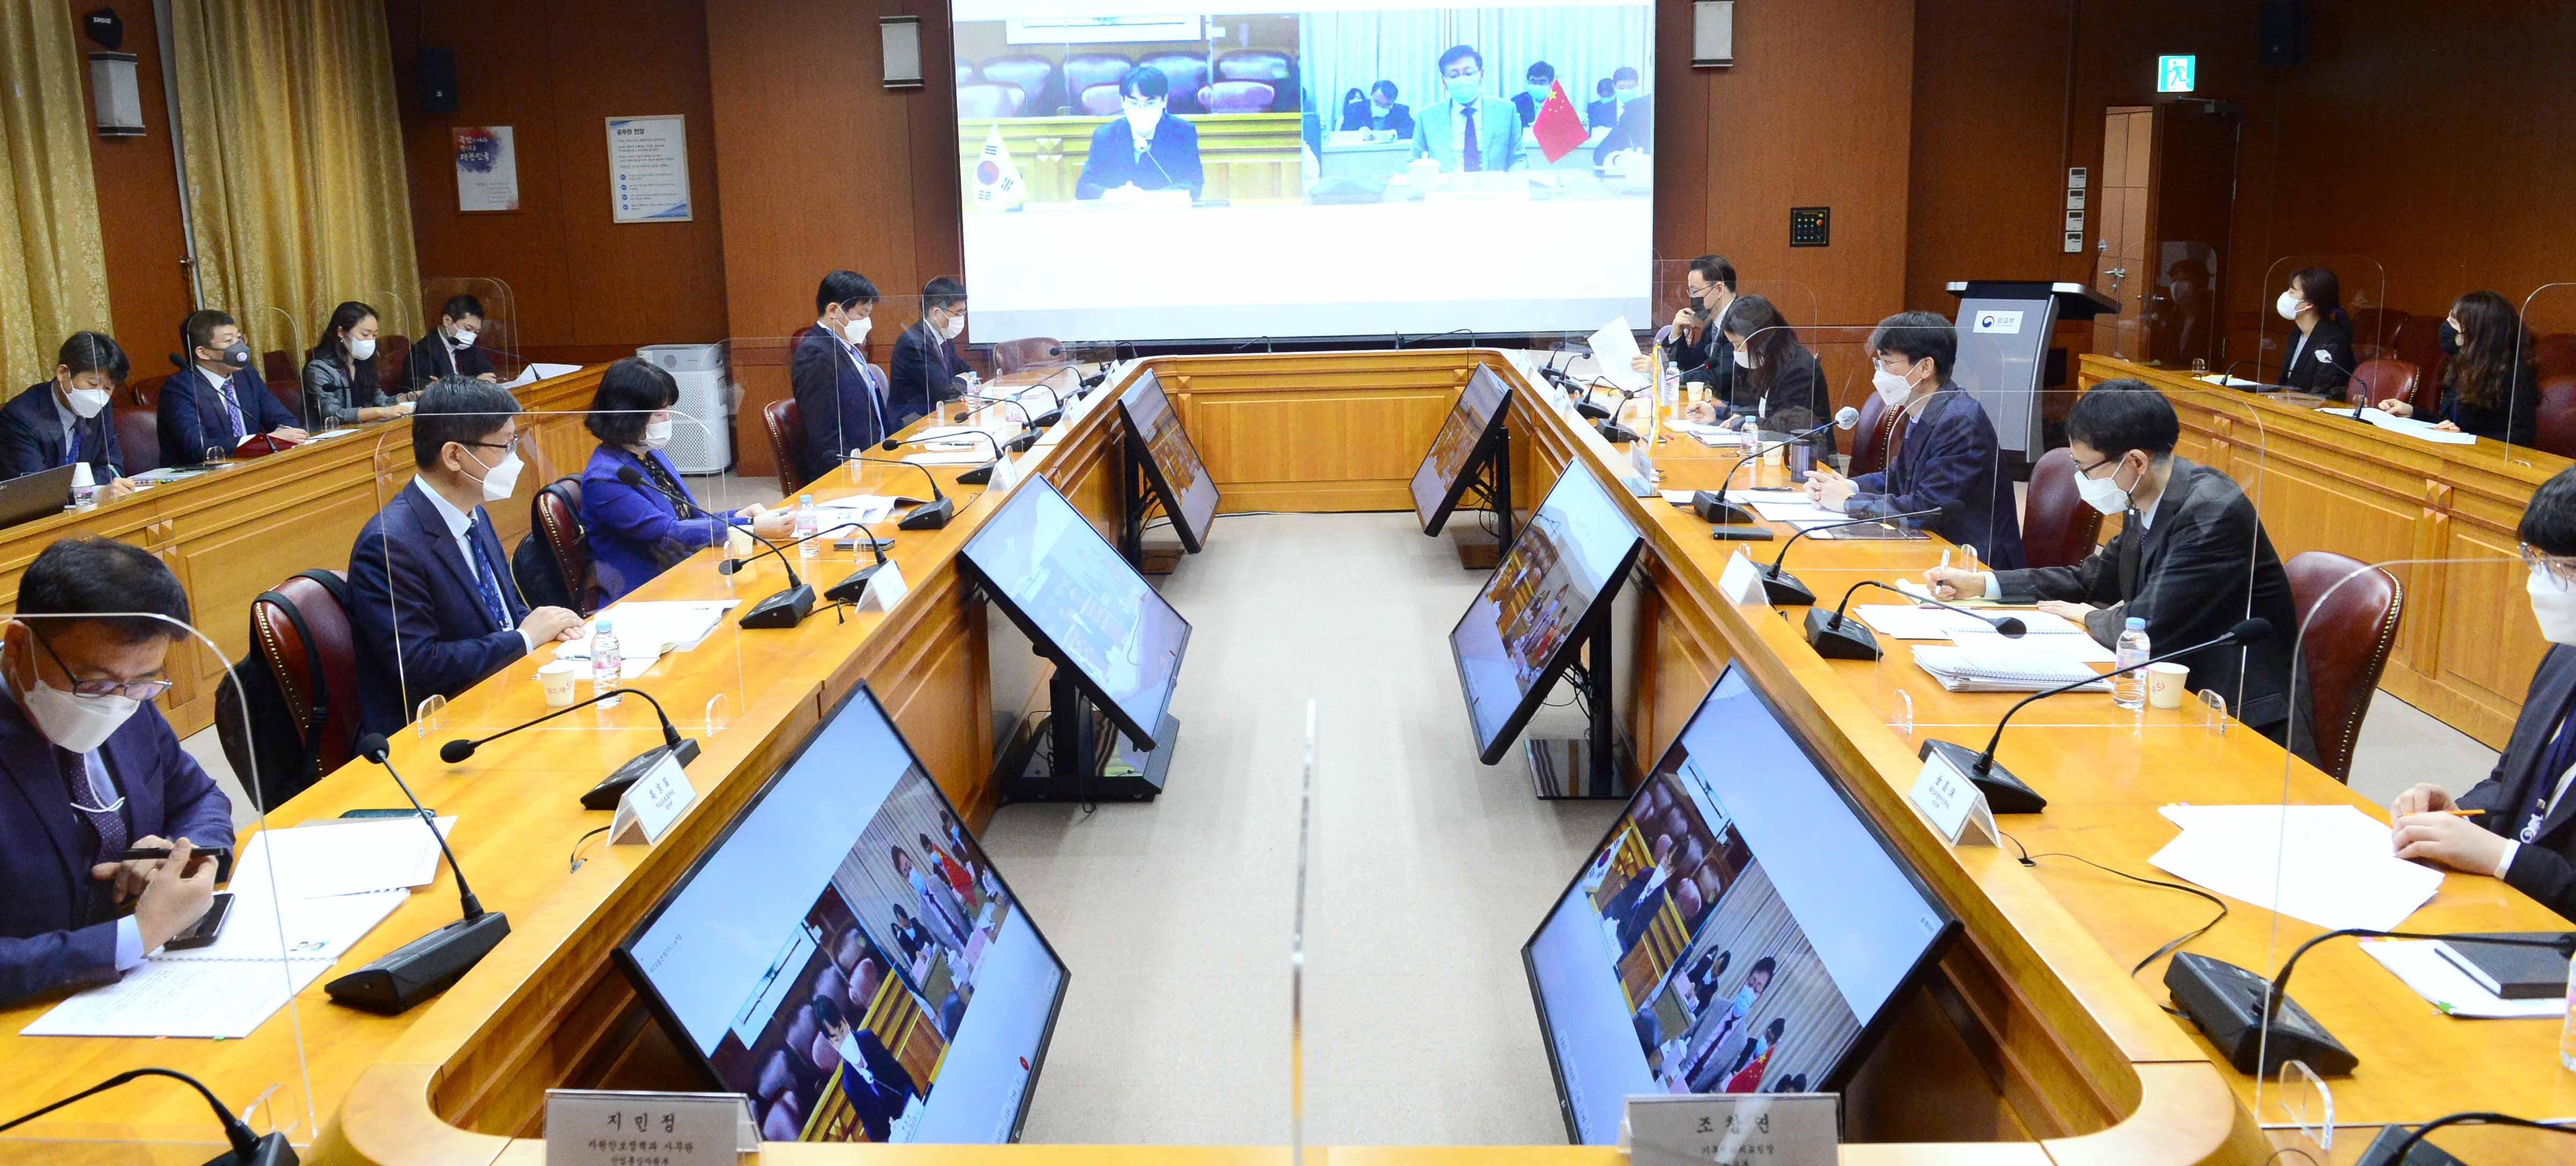 中韩举行海洋事务对话合作机制首次会议